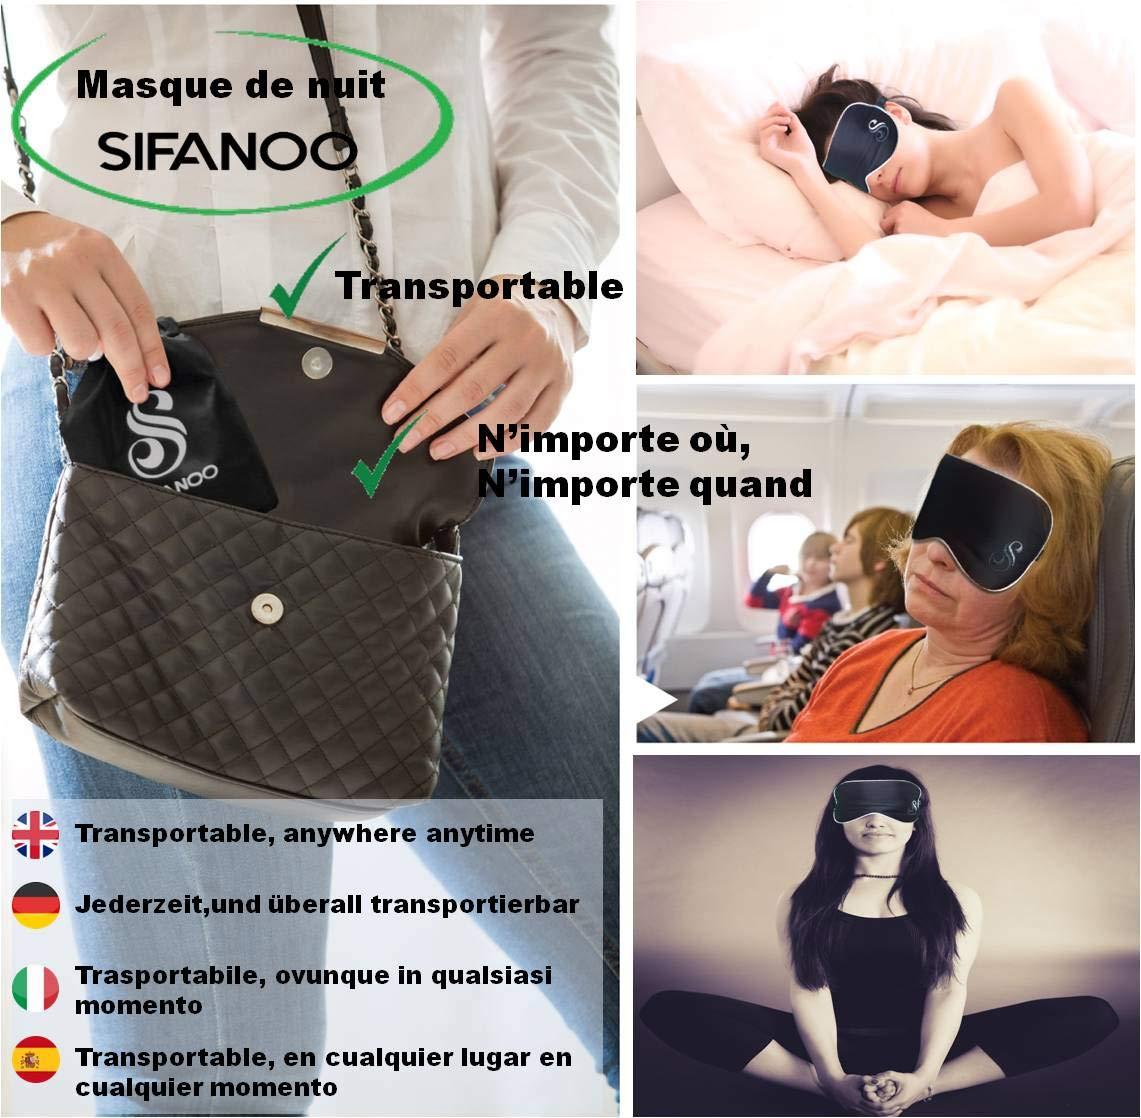 SIFANOO Antifaz para dormir, máscara para dormir en seda negra y plateada bordada, máscara ajustable, antifaz de viaje: Amazon.es: Salud y cuidado personal